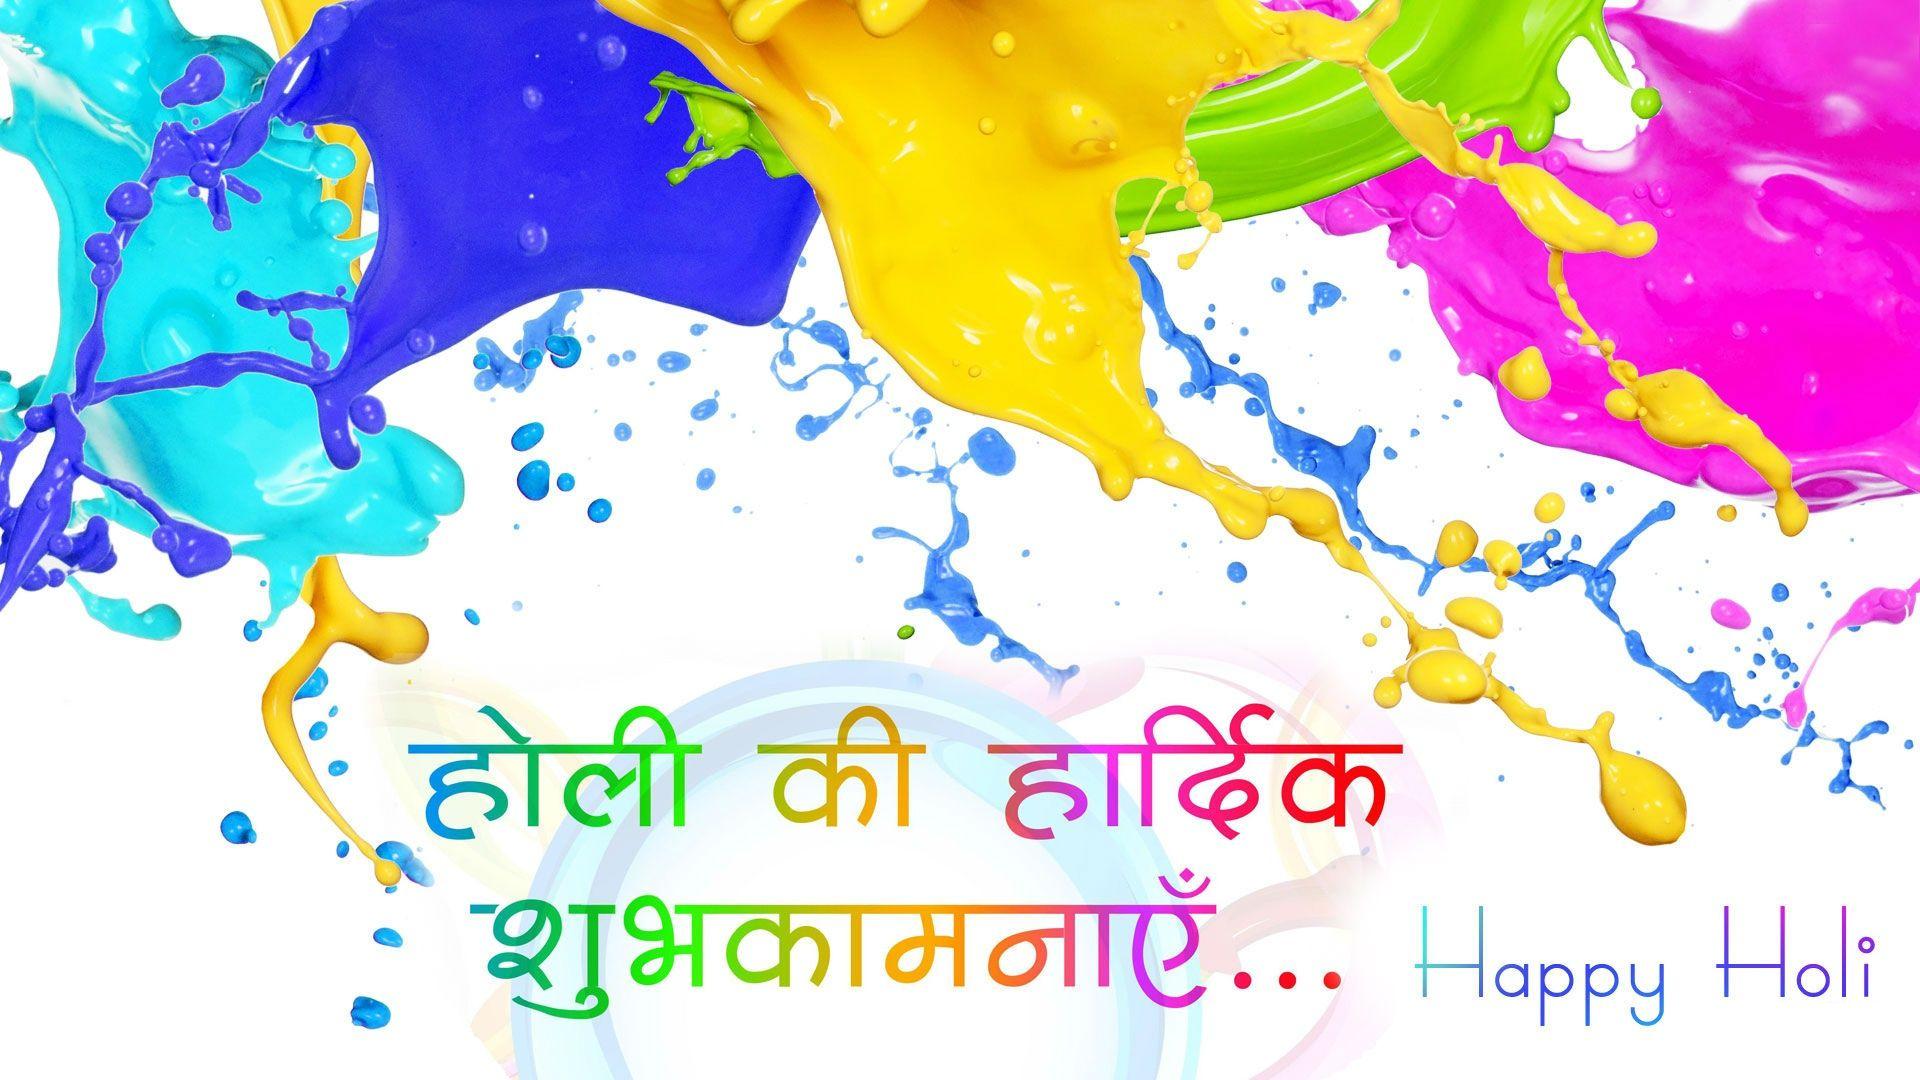 Happy Holi Pictures 2021